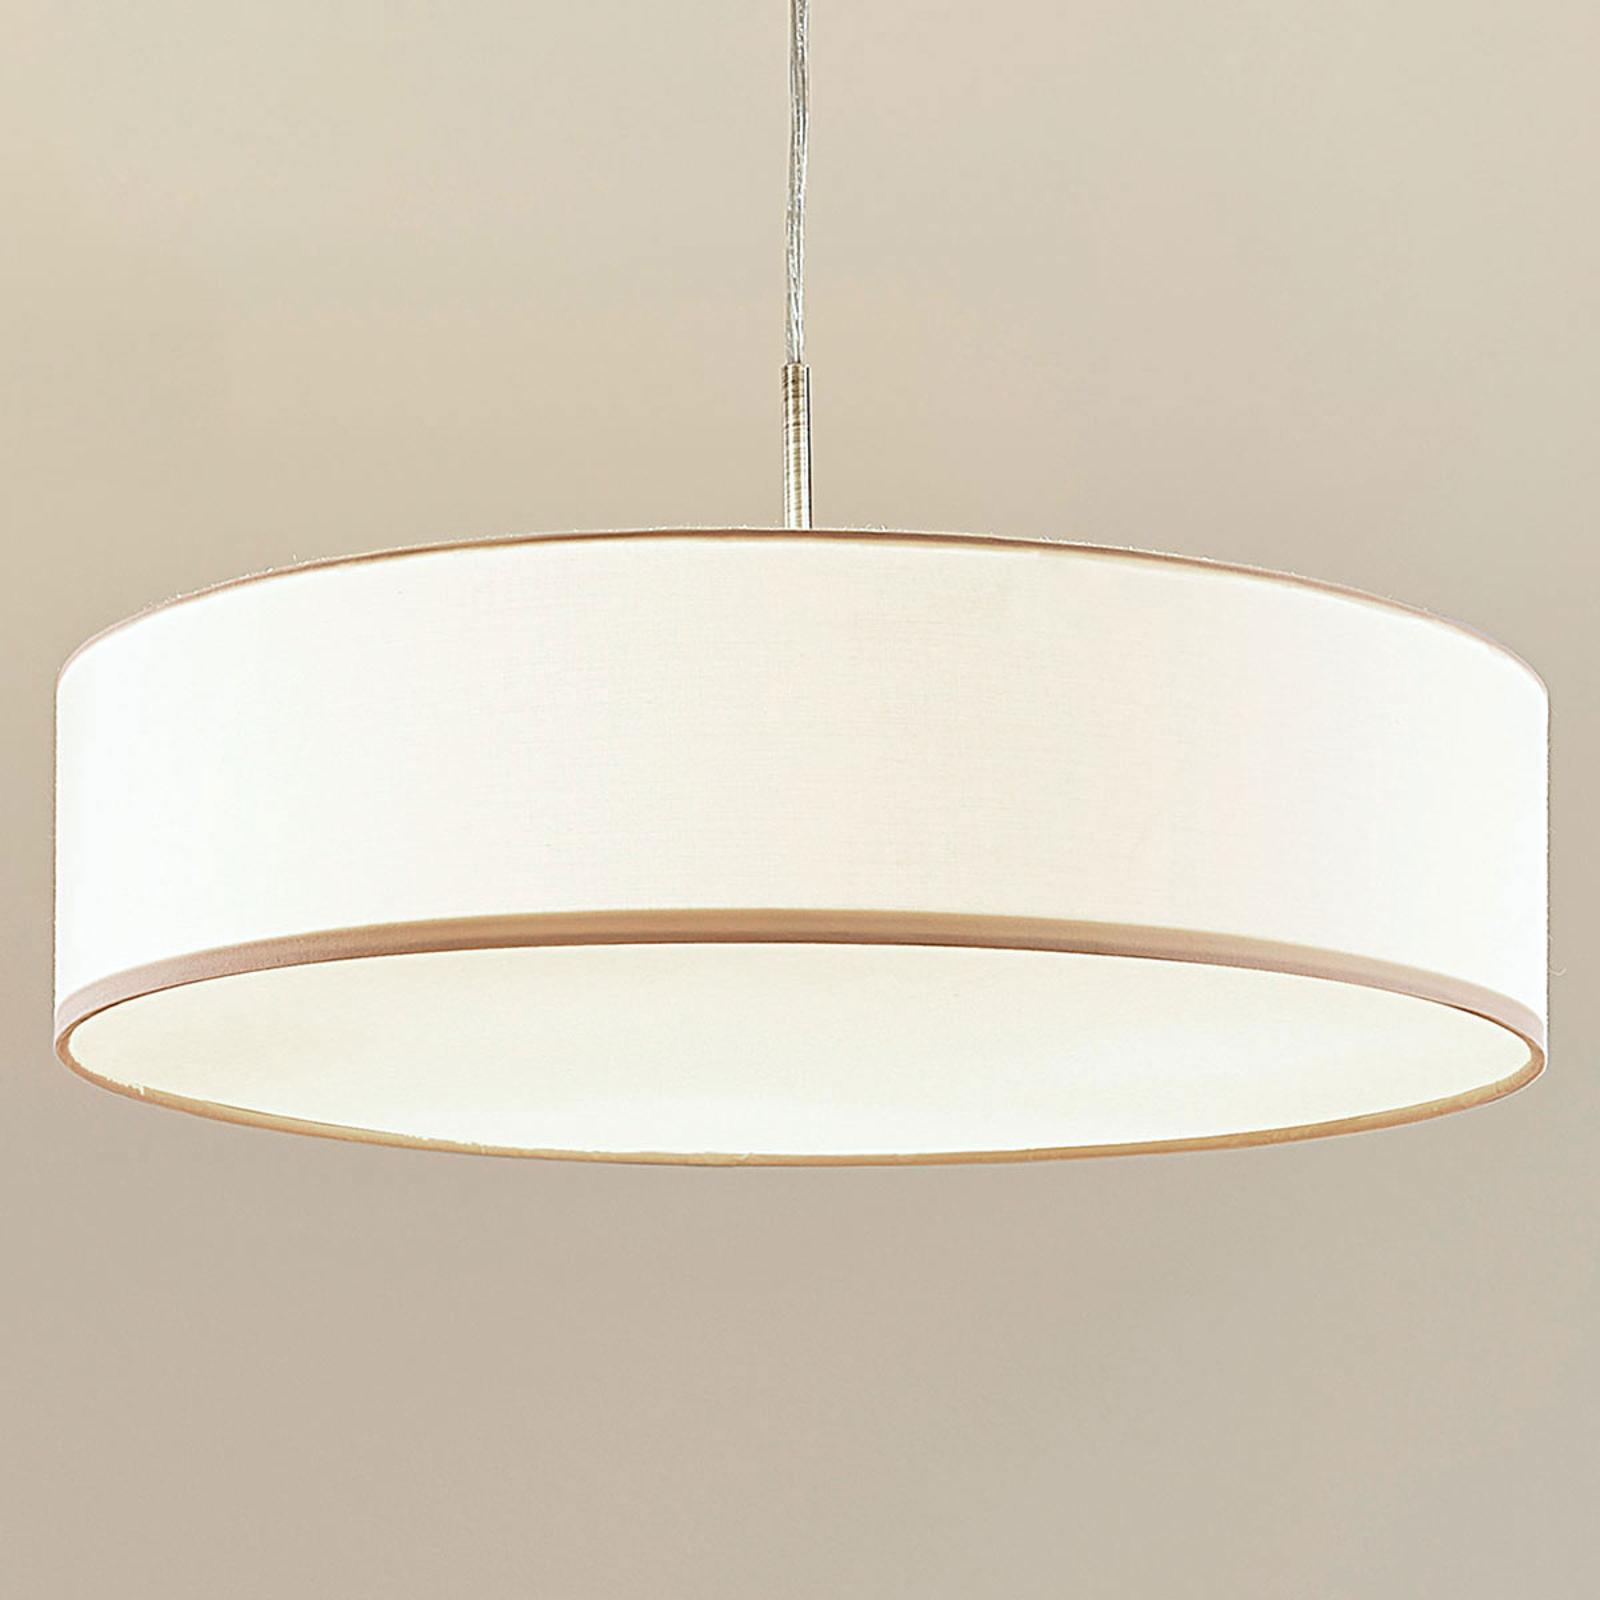 Sebatin - lampada a sospensione LED tessuto crema